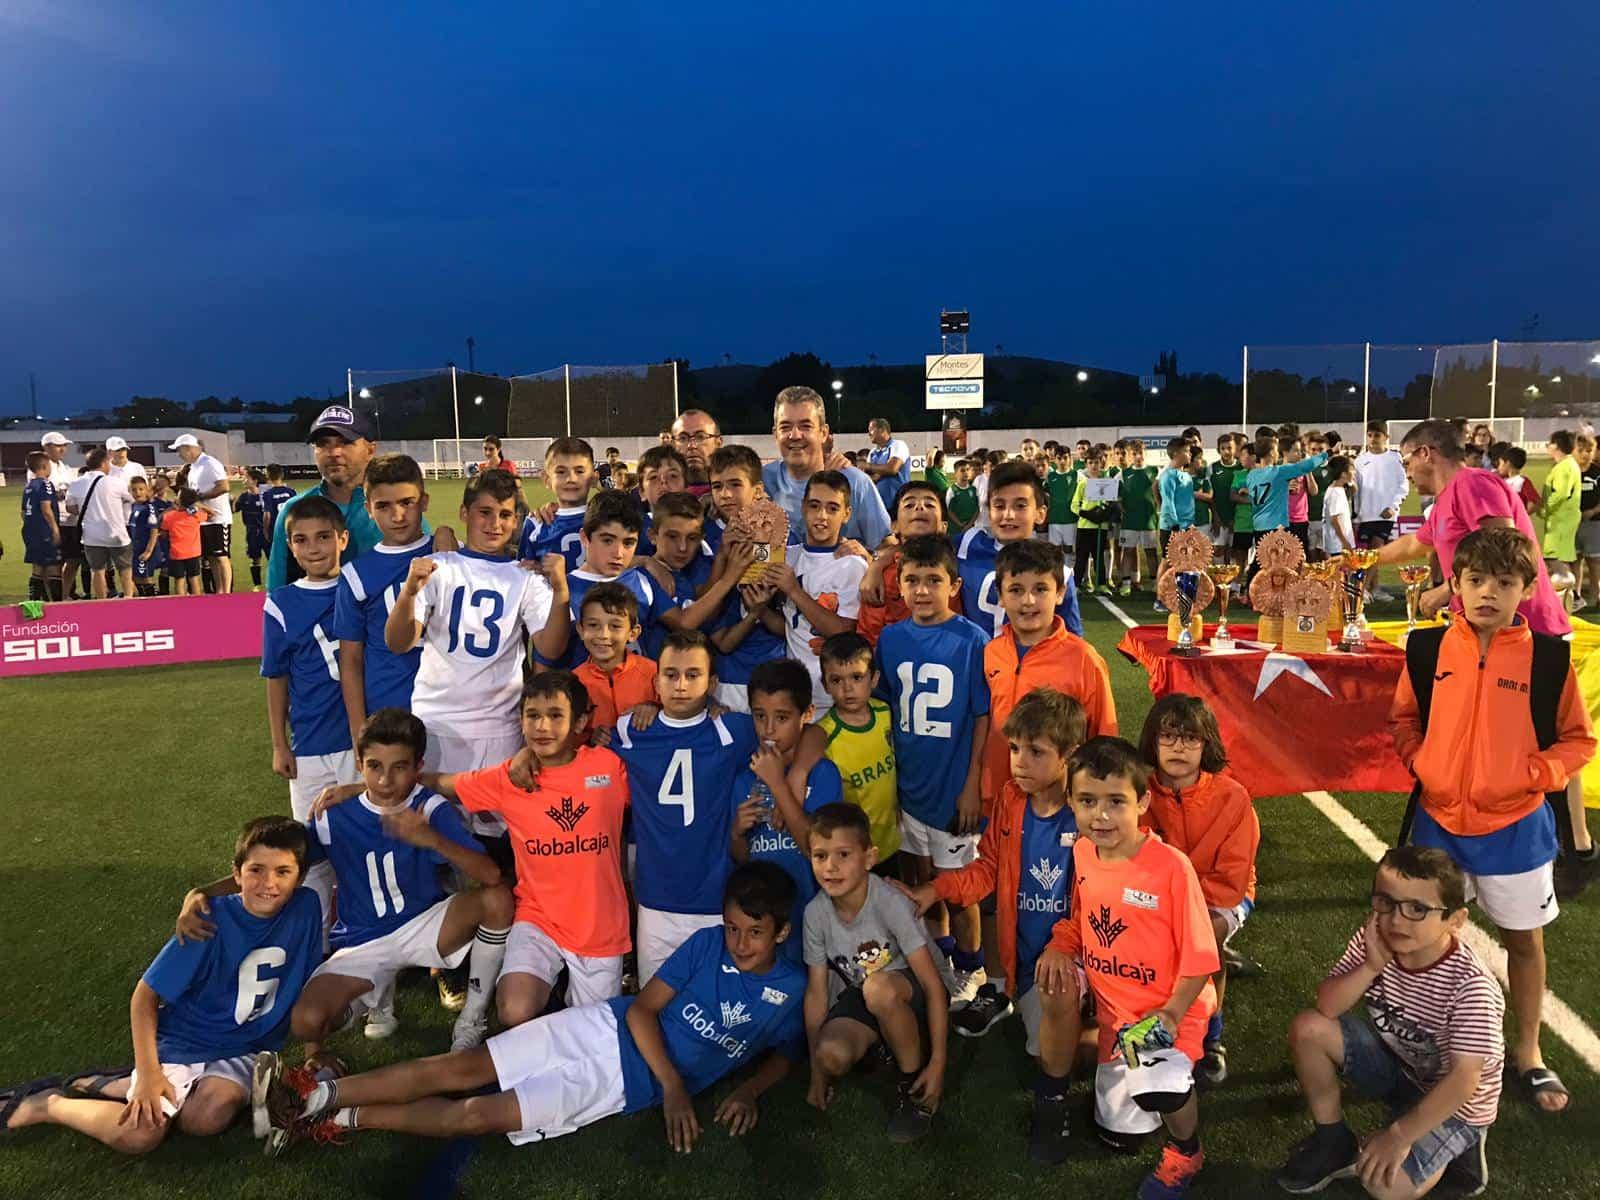 """VII Torneo futbol 8 soledad herencia 7 - Más de 300 chavales se dieron cita en el VIII Torneo de Fútbol-8 """"Virgen de la Soledad"""""""